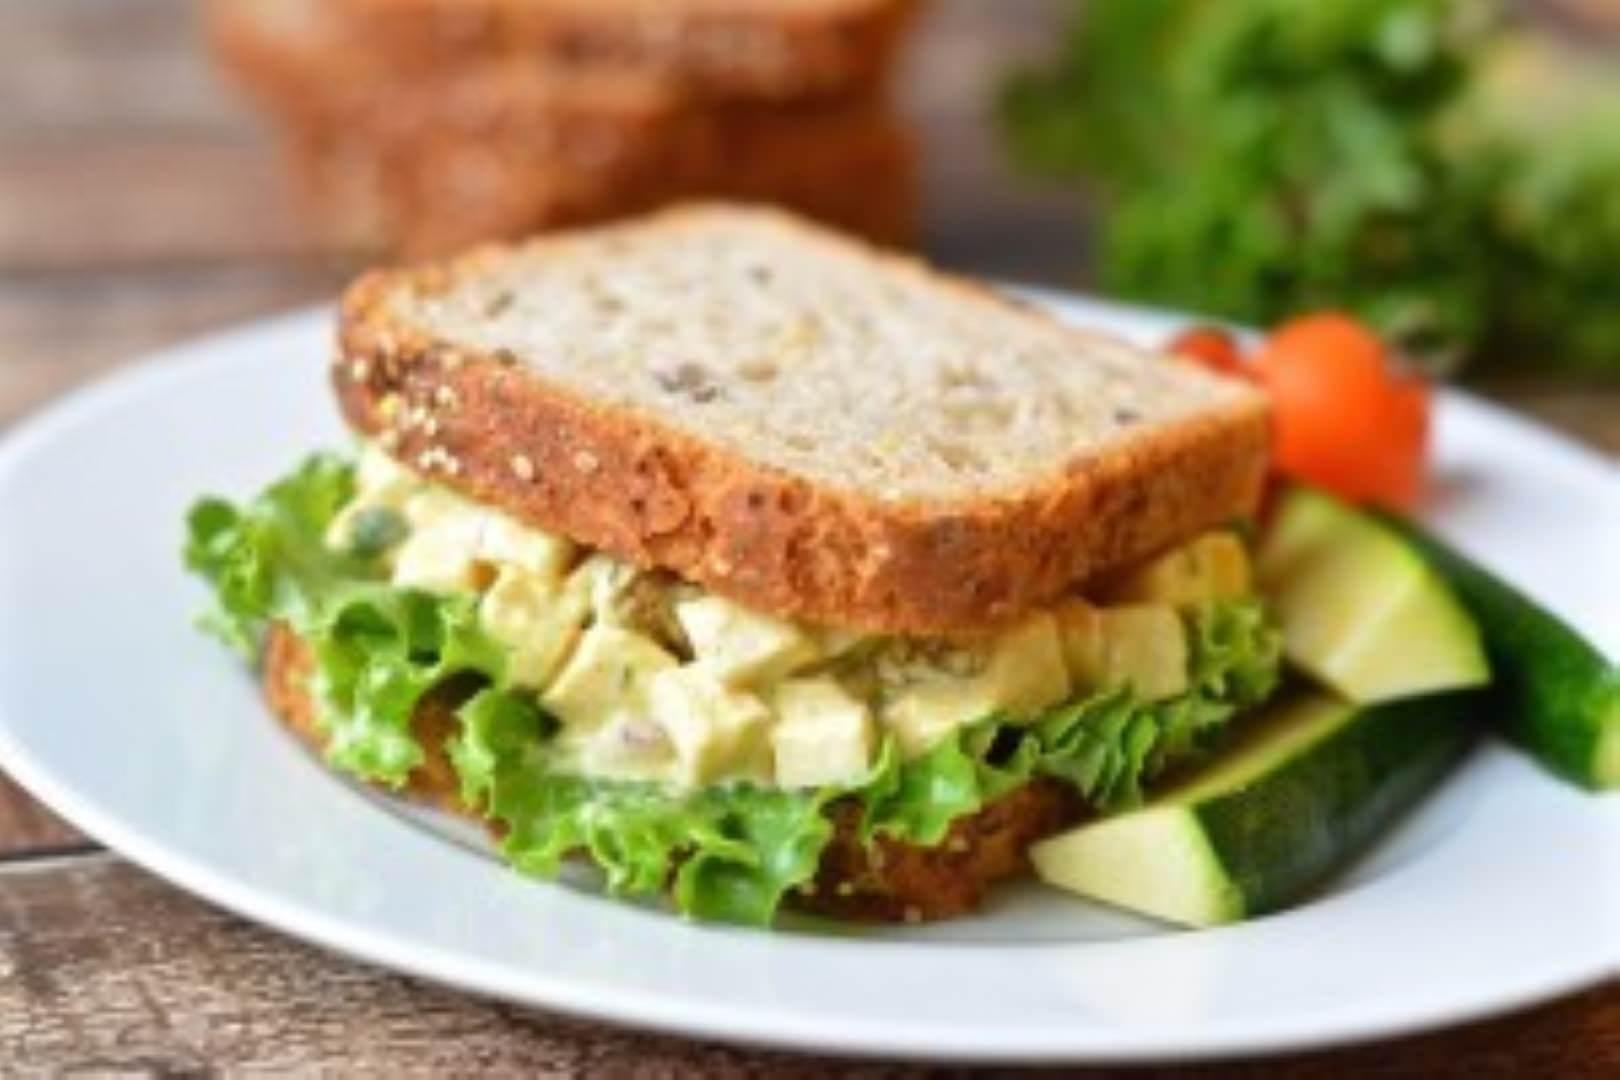 curried chicken salad on gluten-free bread